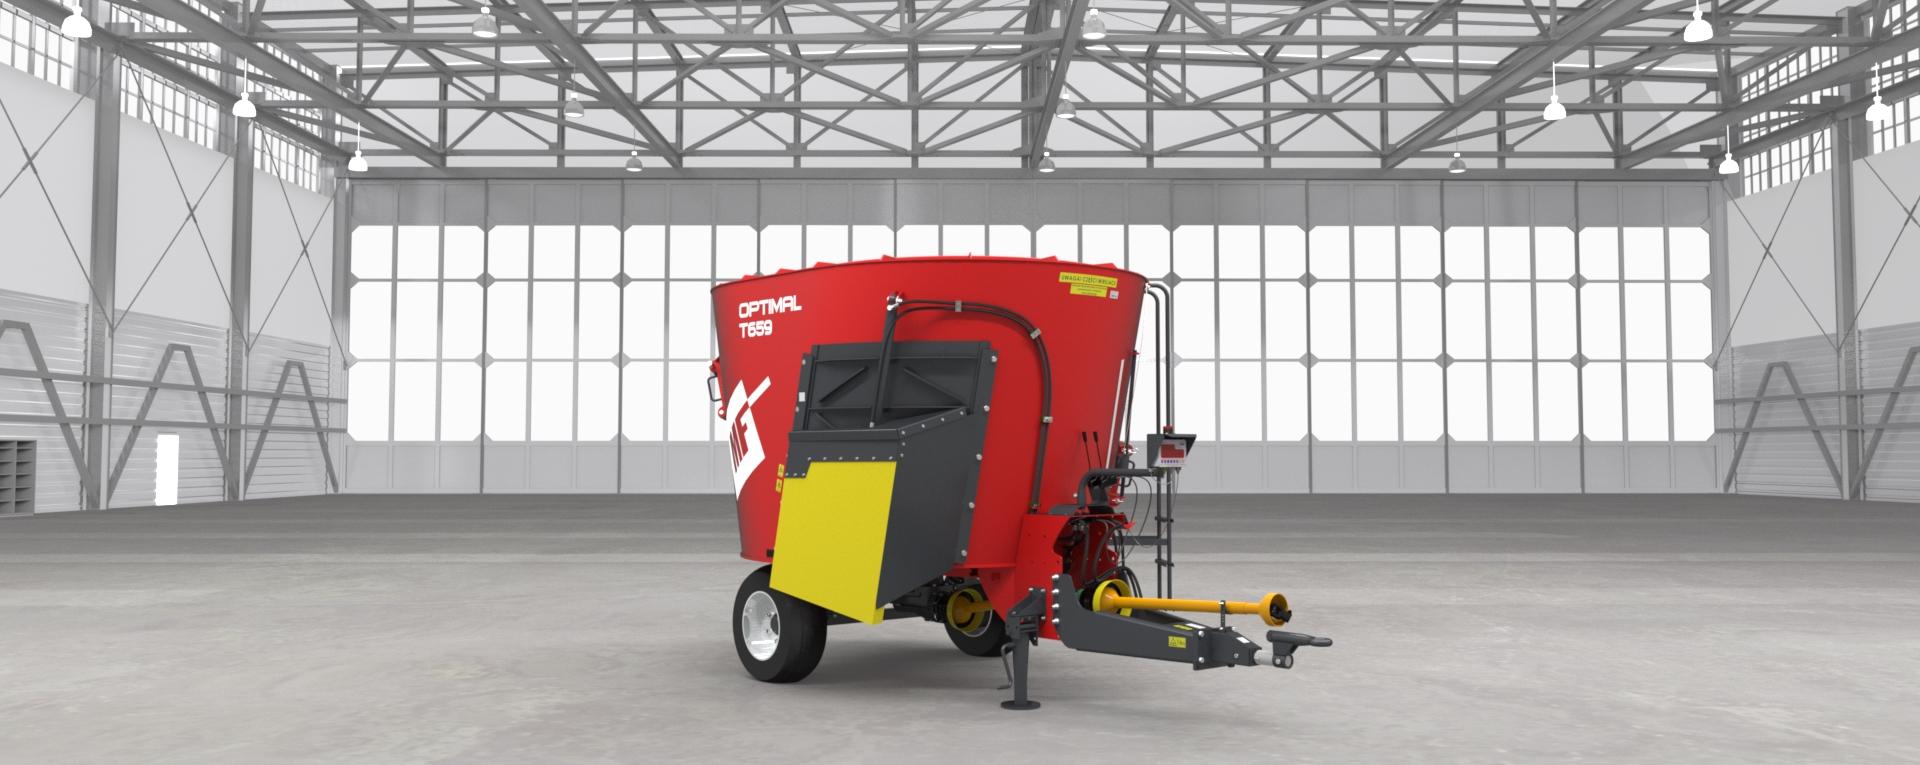 Wóz paszowy jednowirnikowy T659 OPTIMAL Metal-Fach Wóz w czerwonych barwach